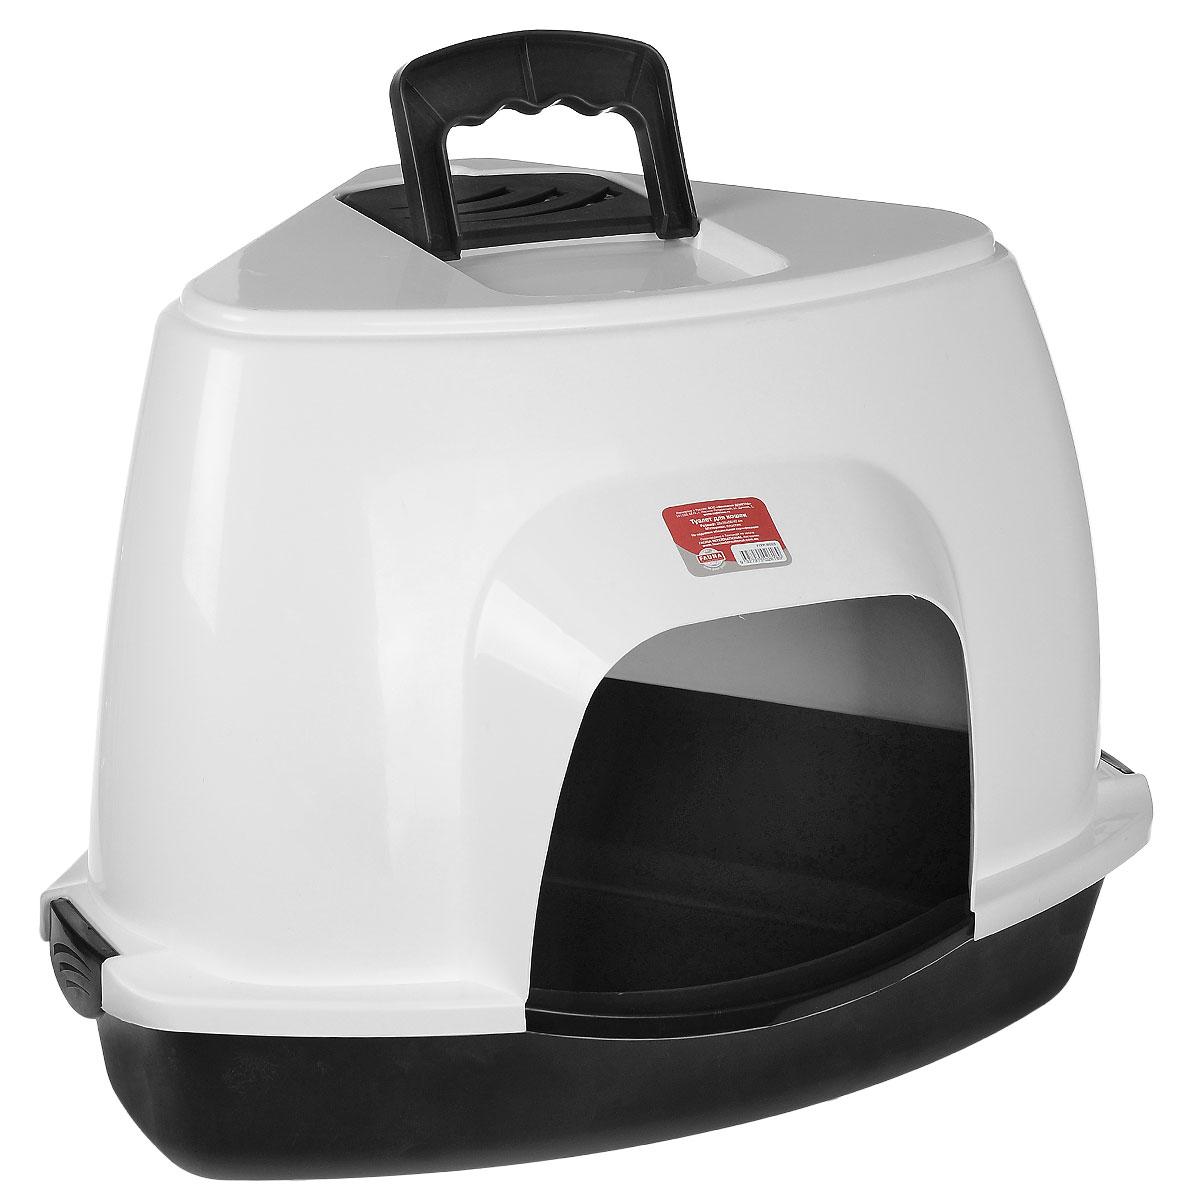 Туалет для кошек Fauna Kitty Luxer, цвет: черный, белый, 38 см х 38 см х 56 см8003 черный, белыйЗакрытый угловой туалет для кошек Fauna Kitty Luxer выполнен из высококачественного пластика. Туалет довольно вместительный и напоминает домик. Он оснащен прозрачной открывающейся дверцей, сменным угольным фильтром и удобной ручкой для переноски. Такой туалет избавит ваш дом от неприятного запаха и разбросанных повсюду частичек наполнителя. Кошка в таком туалете будет чувствовать себя увереннее, ведь в этом укромном уголке ее никто не увидит. Кроме того, яркий дизайн с легкостью впишется в интерьер вашего дома. Туалет легко открывается для чистки благодаря практичным защелкам по бокам.